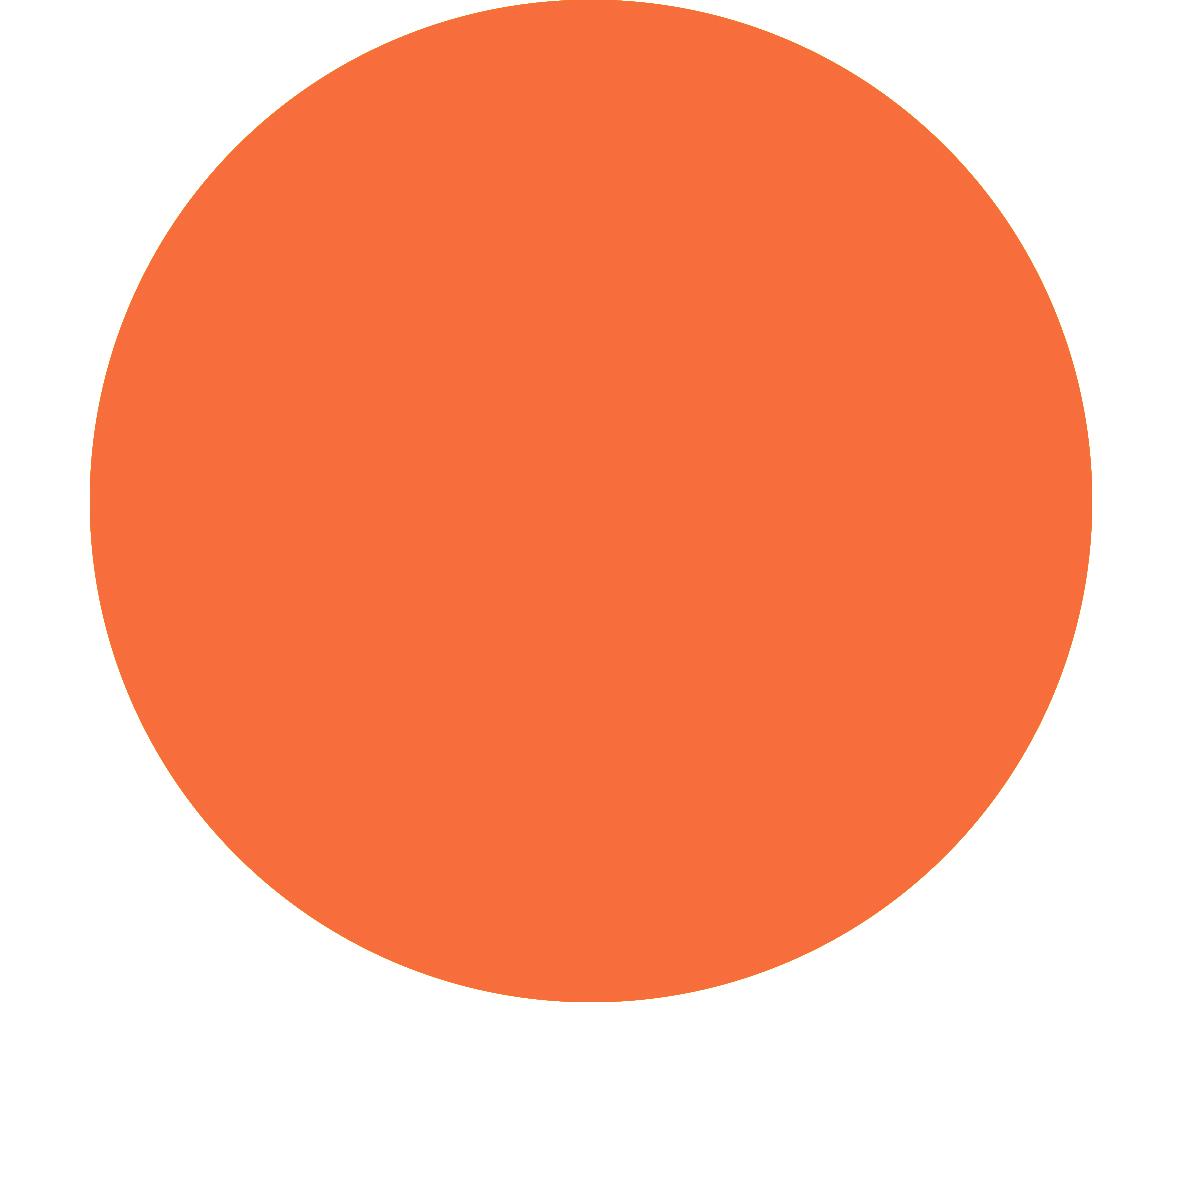 C.I. Orange 43(Orange G) -